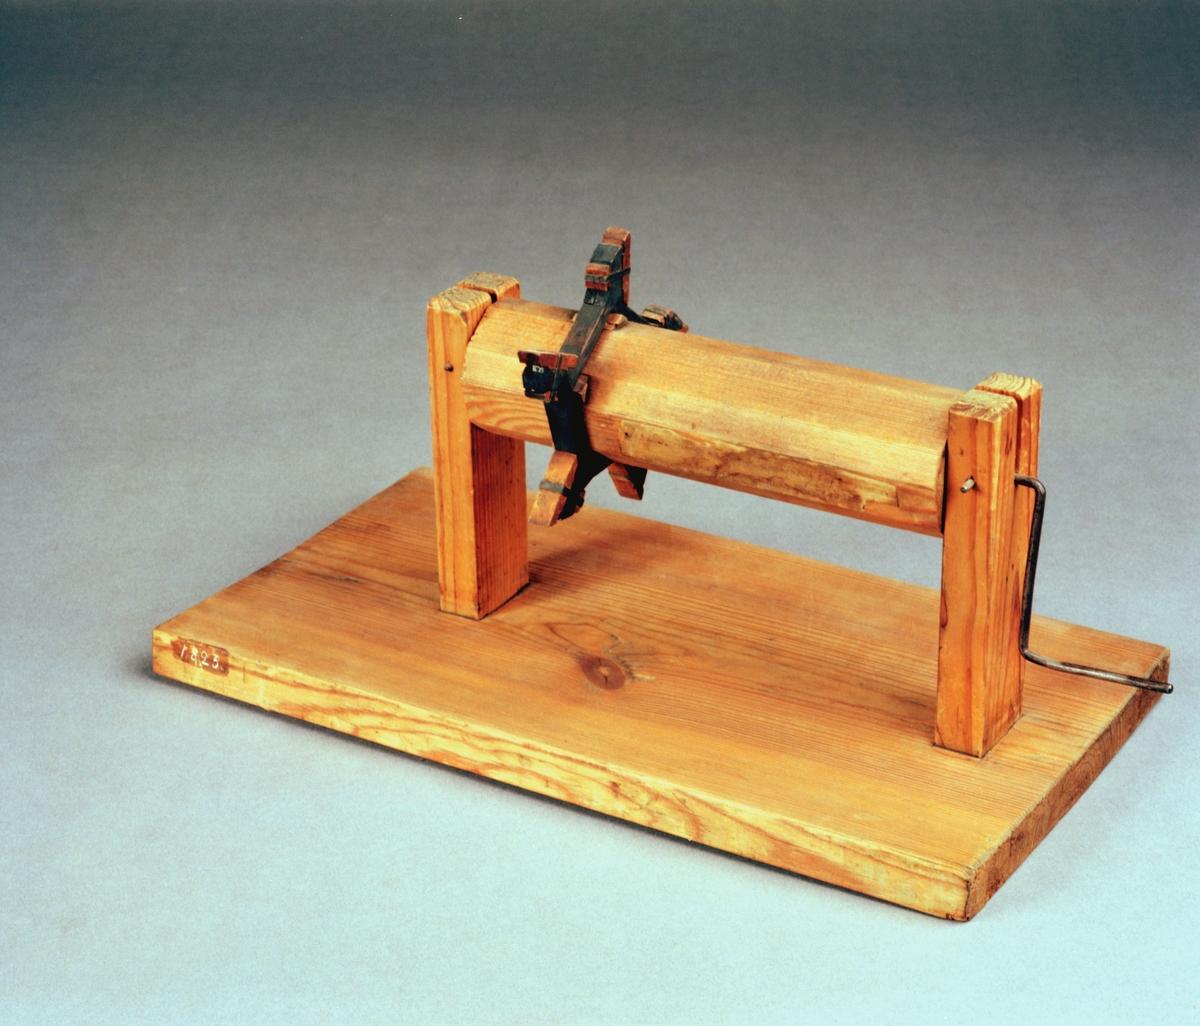 """Modell av hjulstock med lyftarmsring av tackjärn. Text på föremålet: """"N:o 203. Modell på gutna Tackjerns lyftarmar. Efter Kongl. Wett: ac: Handl. 4de Q: 1774. V.B.3""""."""